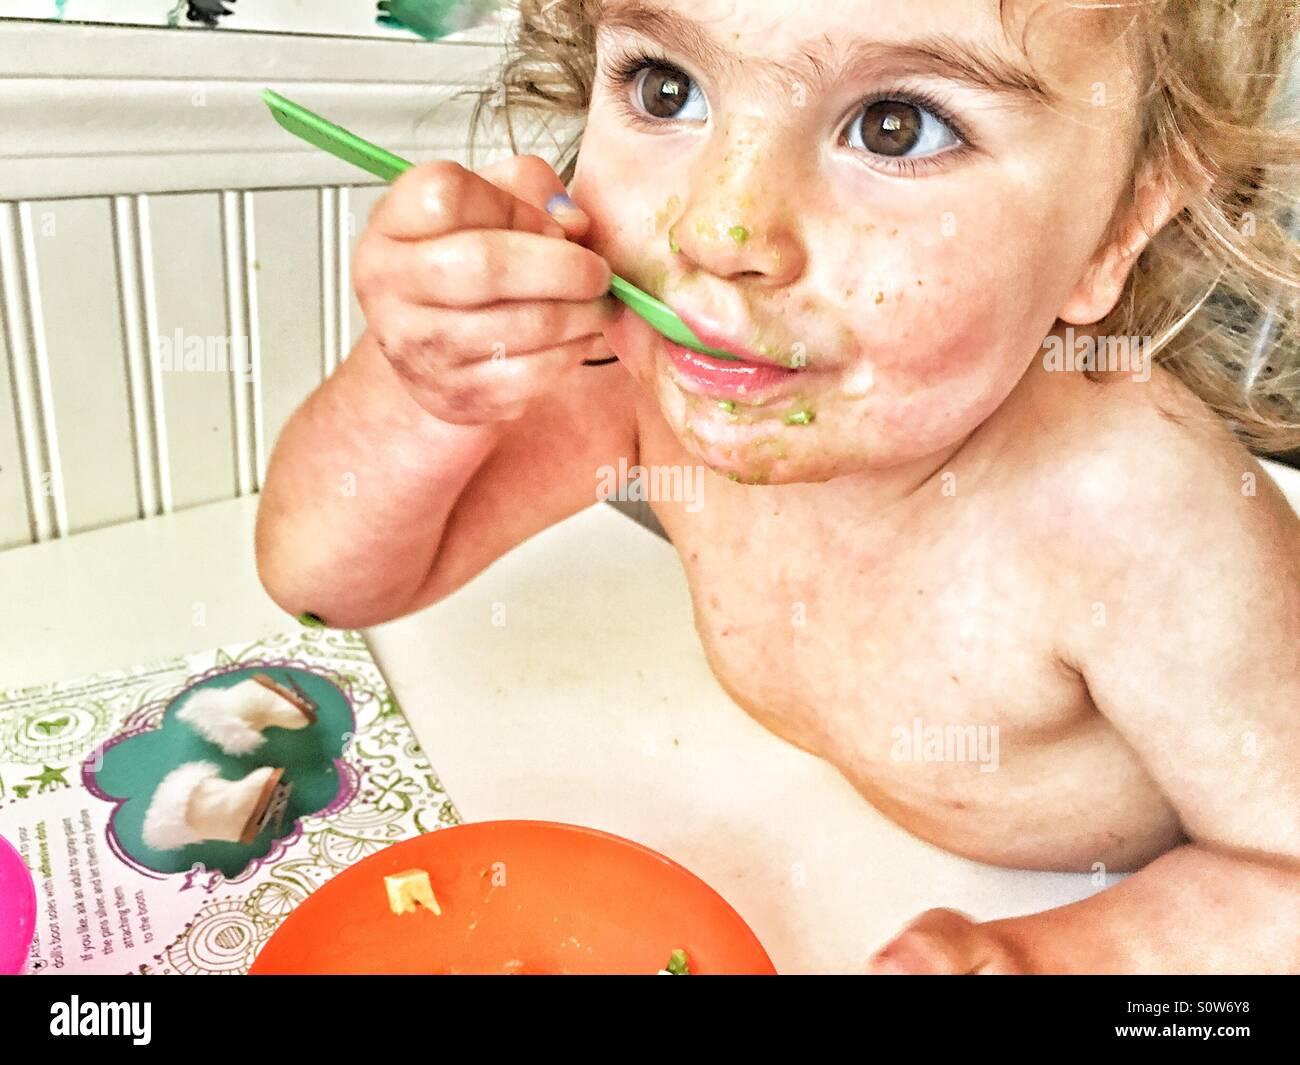 La mia bambina masticare le sue avocado. Immagini Stock